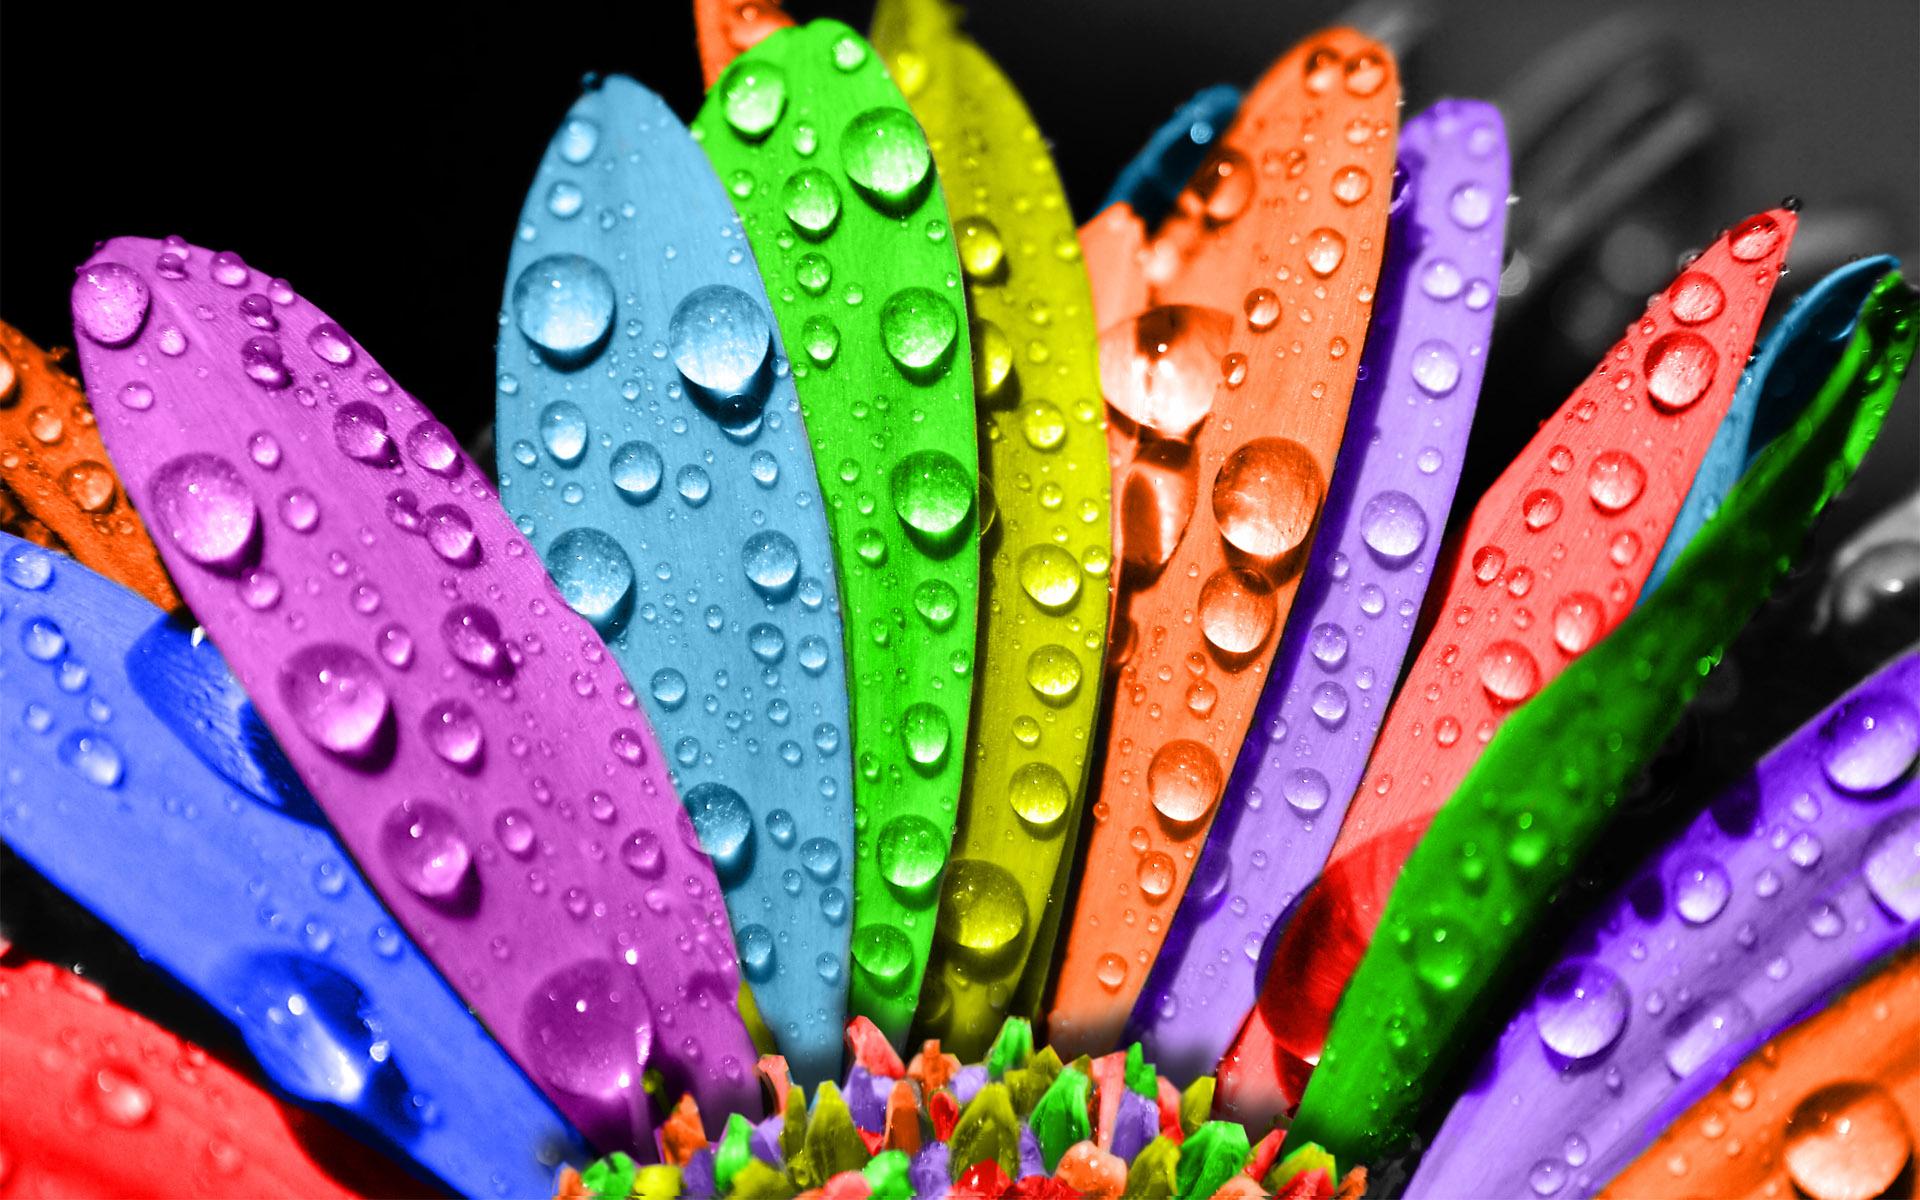 Creative_Wallpaper_Colored_Petals_020711_